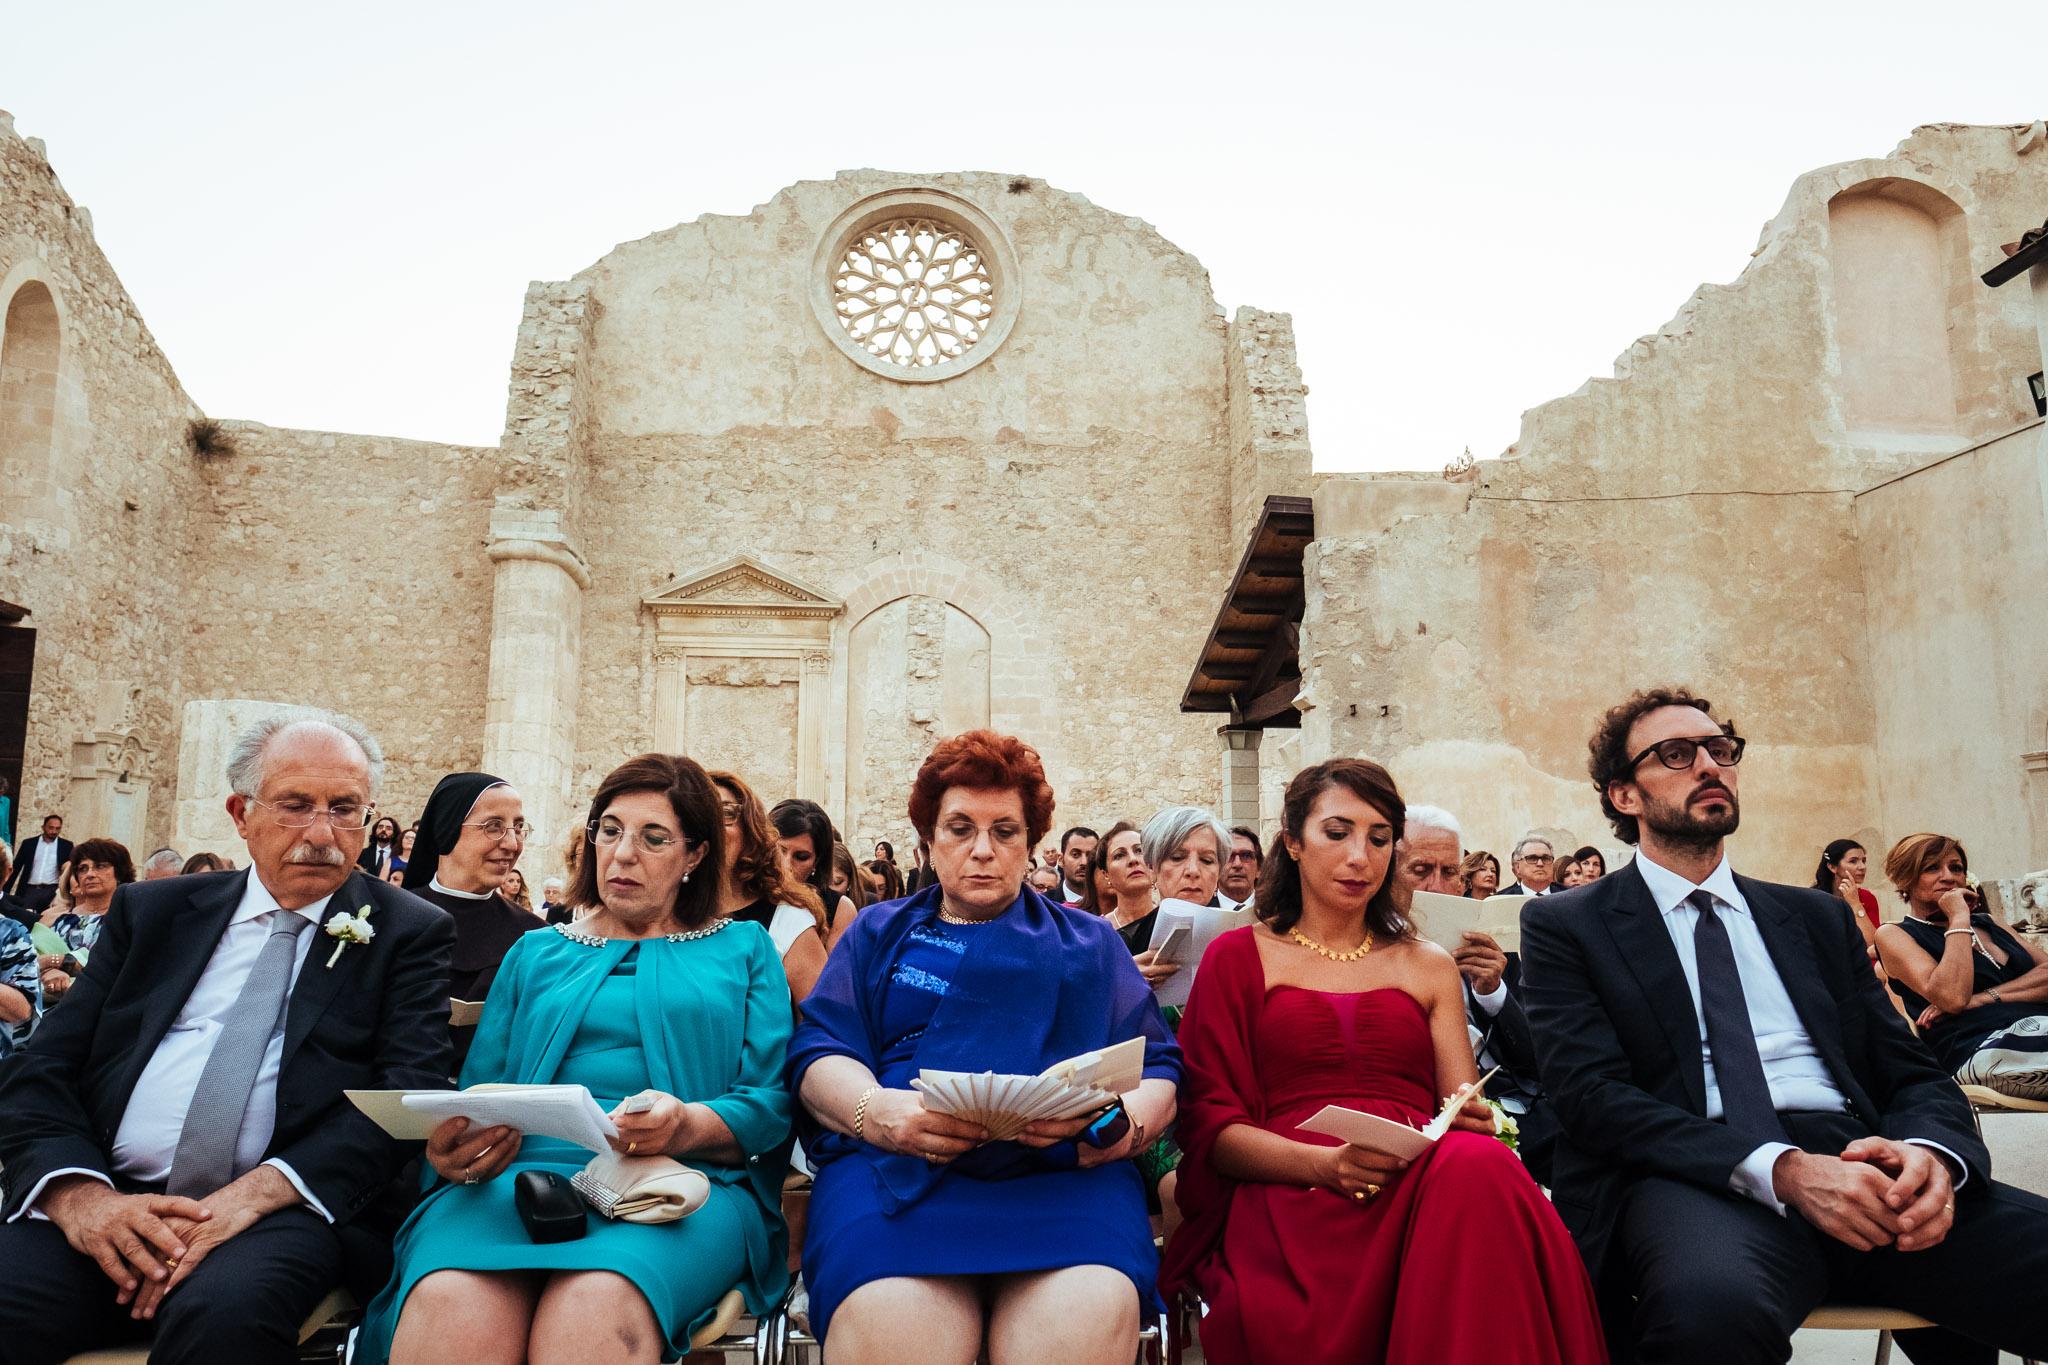 wedding-in-SYRACUSE-34.jpg